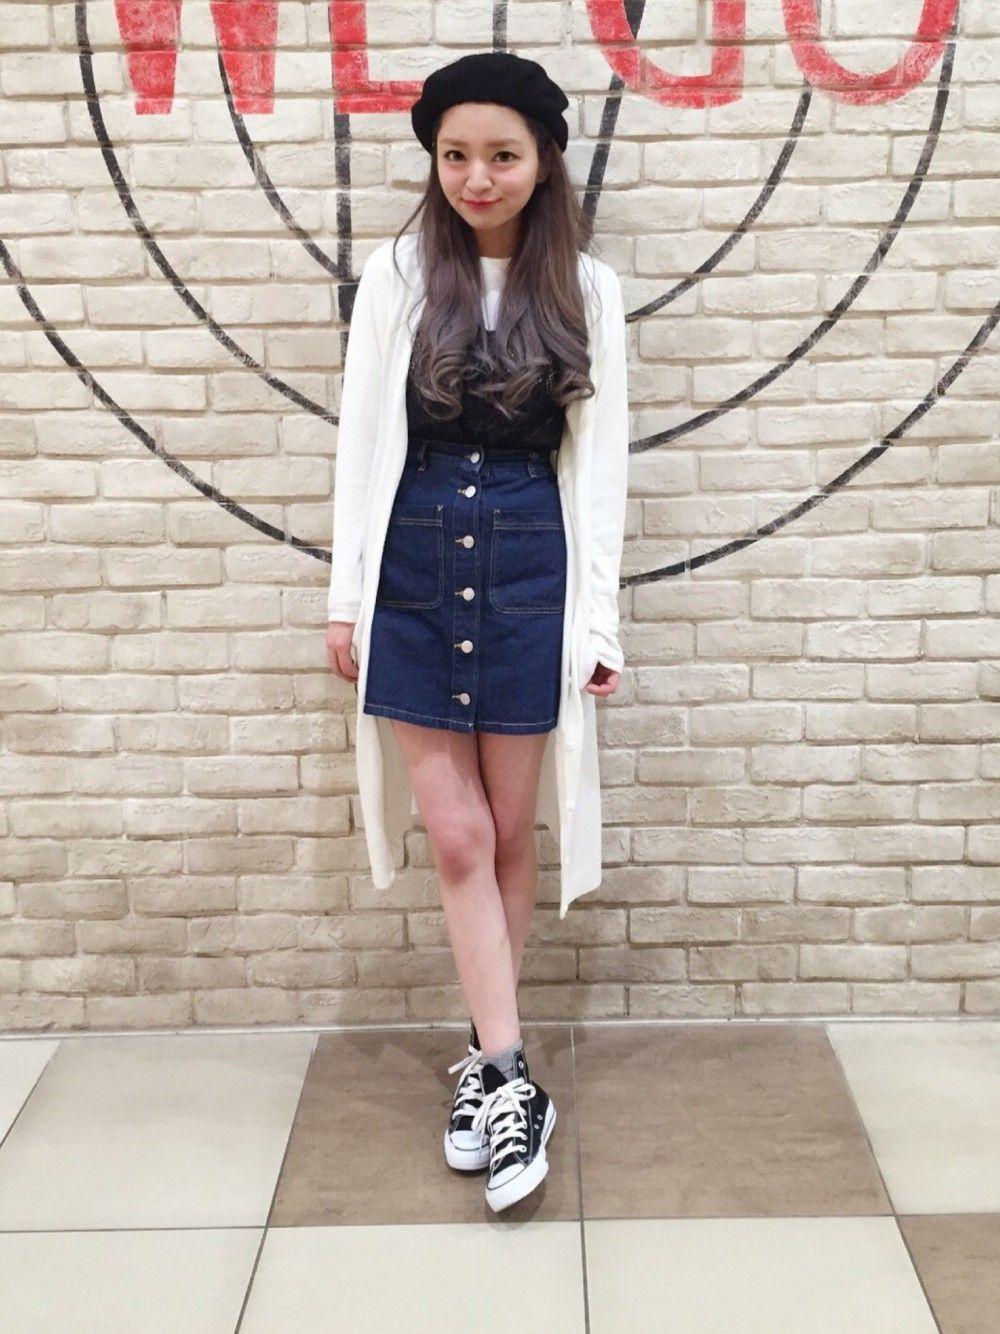 色が薄いブルーのデニムスカートも可愛いですね♡春にピッタリのカラーです。トップスには白のセーターを合わせて、お上品かつカジュアルな春コーデに◎